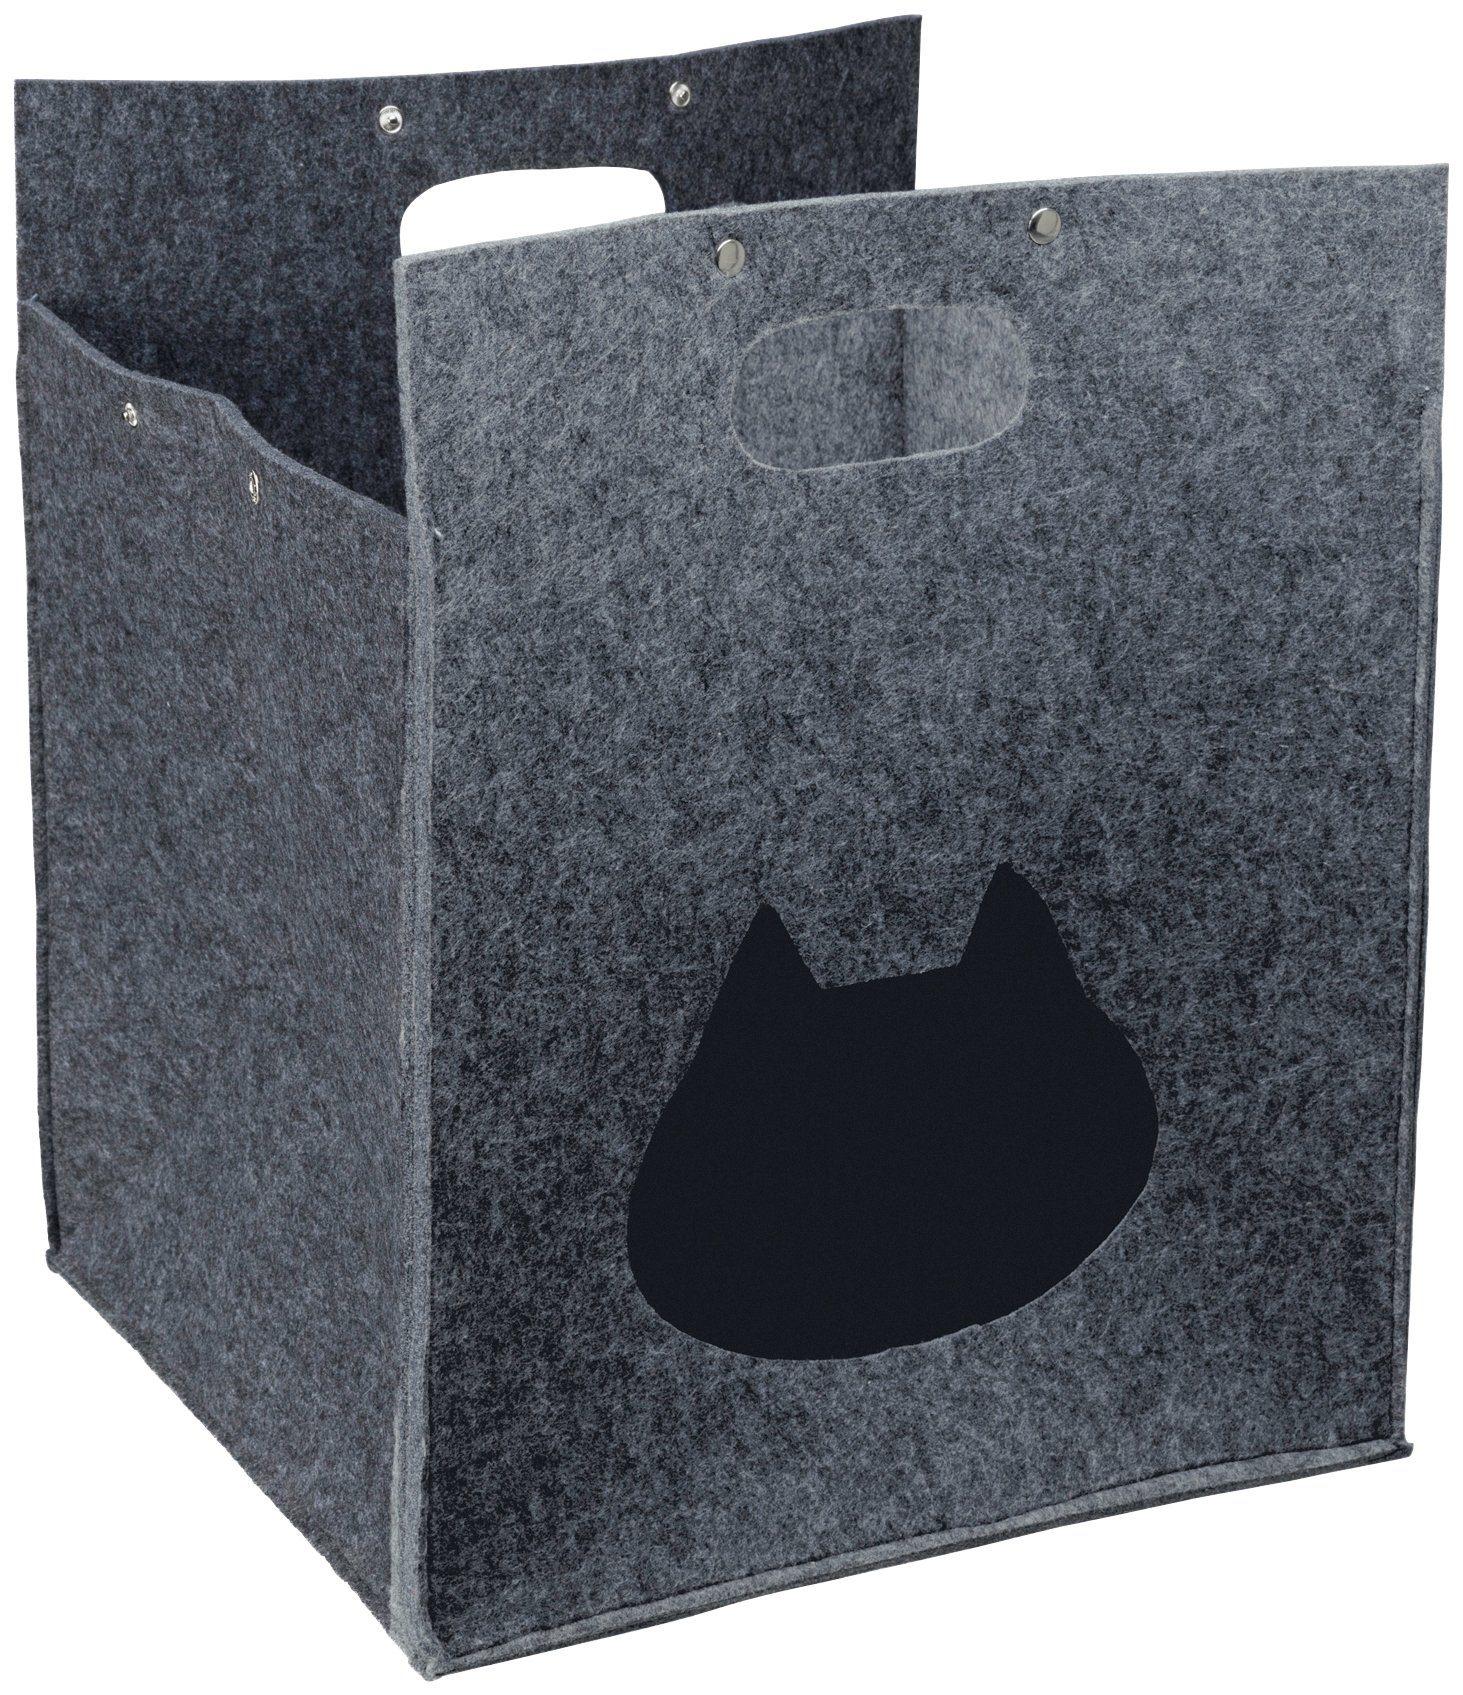 TRIXIE Hundehöhle und Katzenhöhle »Antonia«, BxT: 40x40 cm